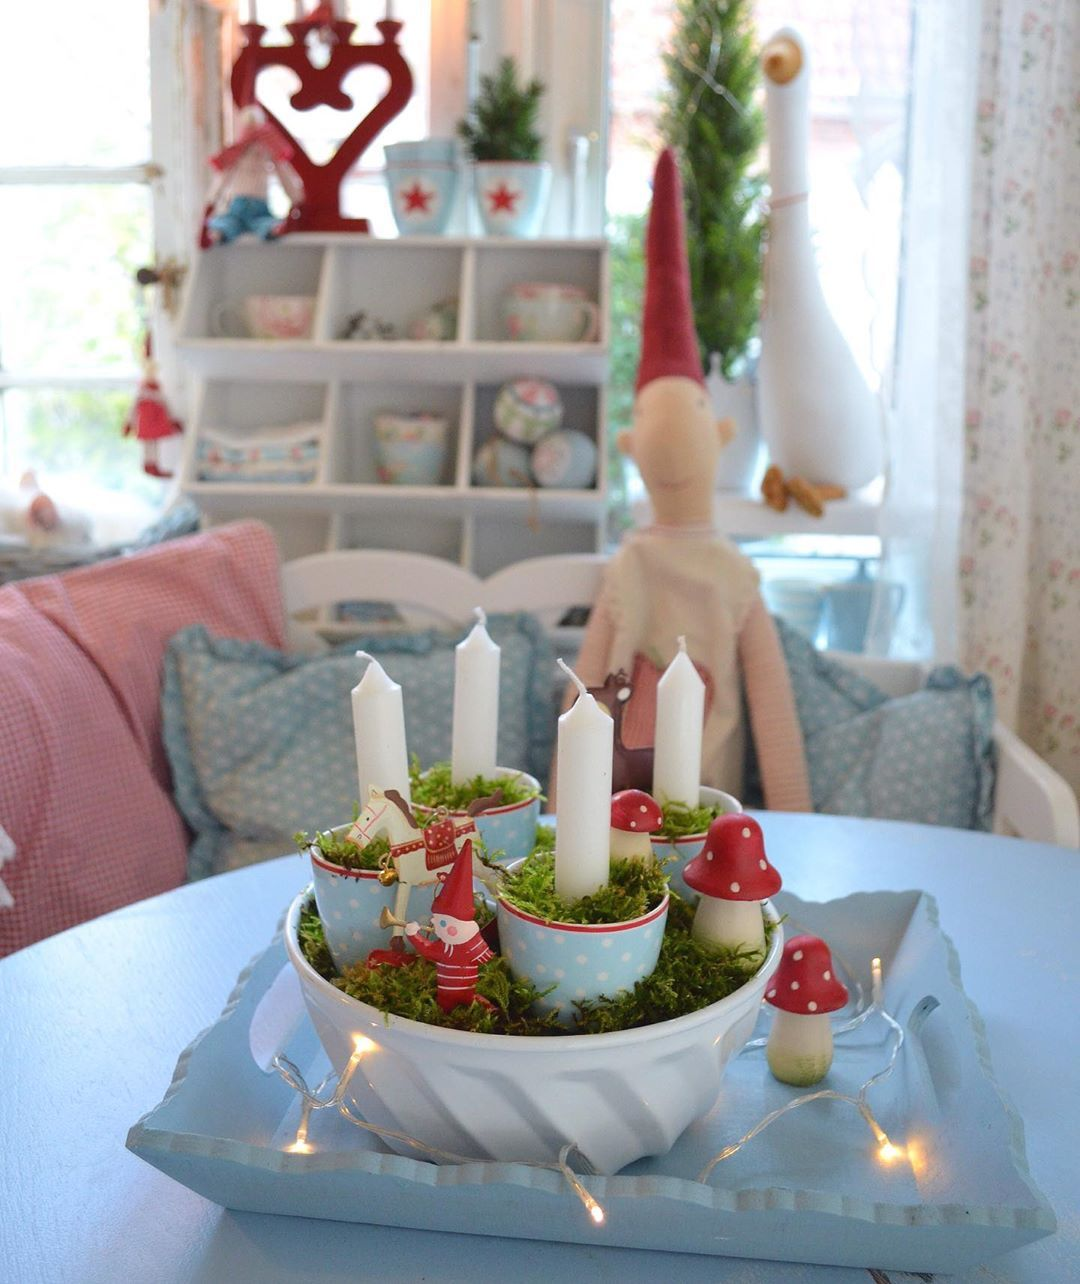 """??Anke?? on Instagram: """"Werbung/ Juchhuuuu…Guten Morgen ??❤️ Soohooo….das Haus ist schon mal weihnachtlich rausgeputzt….und ist bereit für den 1. Advent ???…"""""""